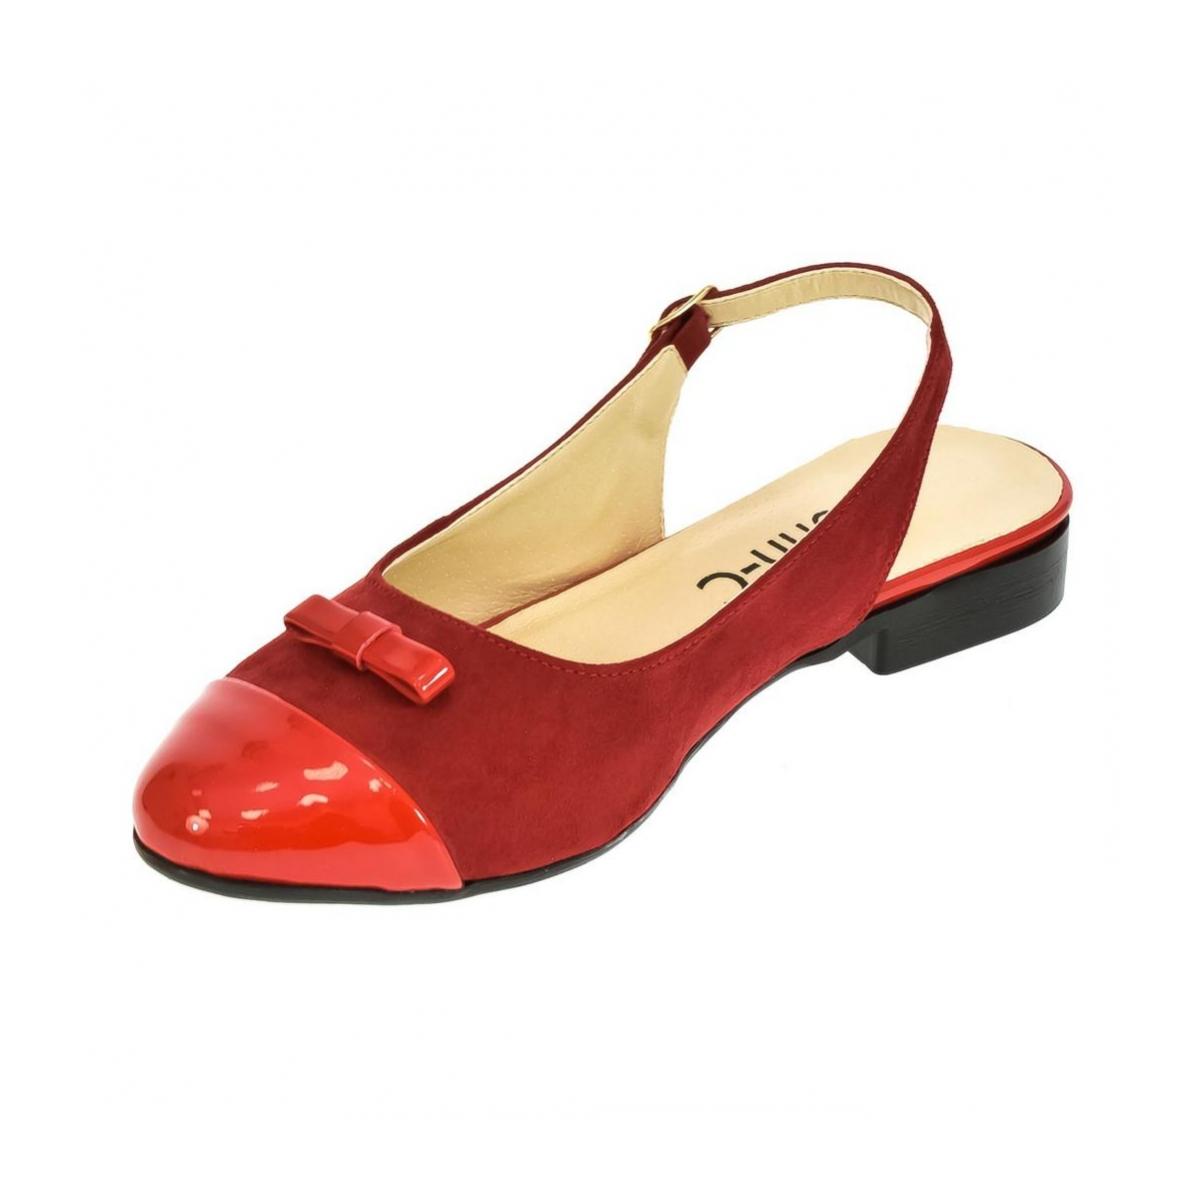 9c2d5d2369f5 Dámske červené sandále EVELINE - 6